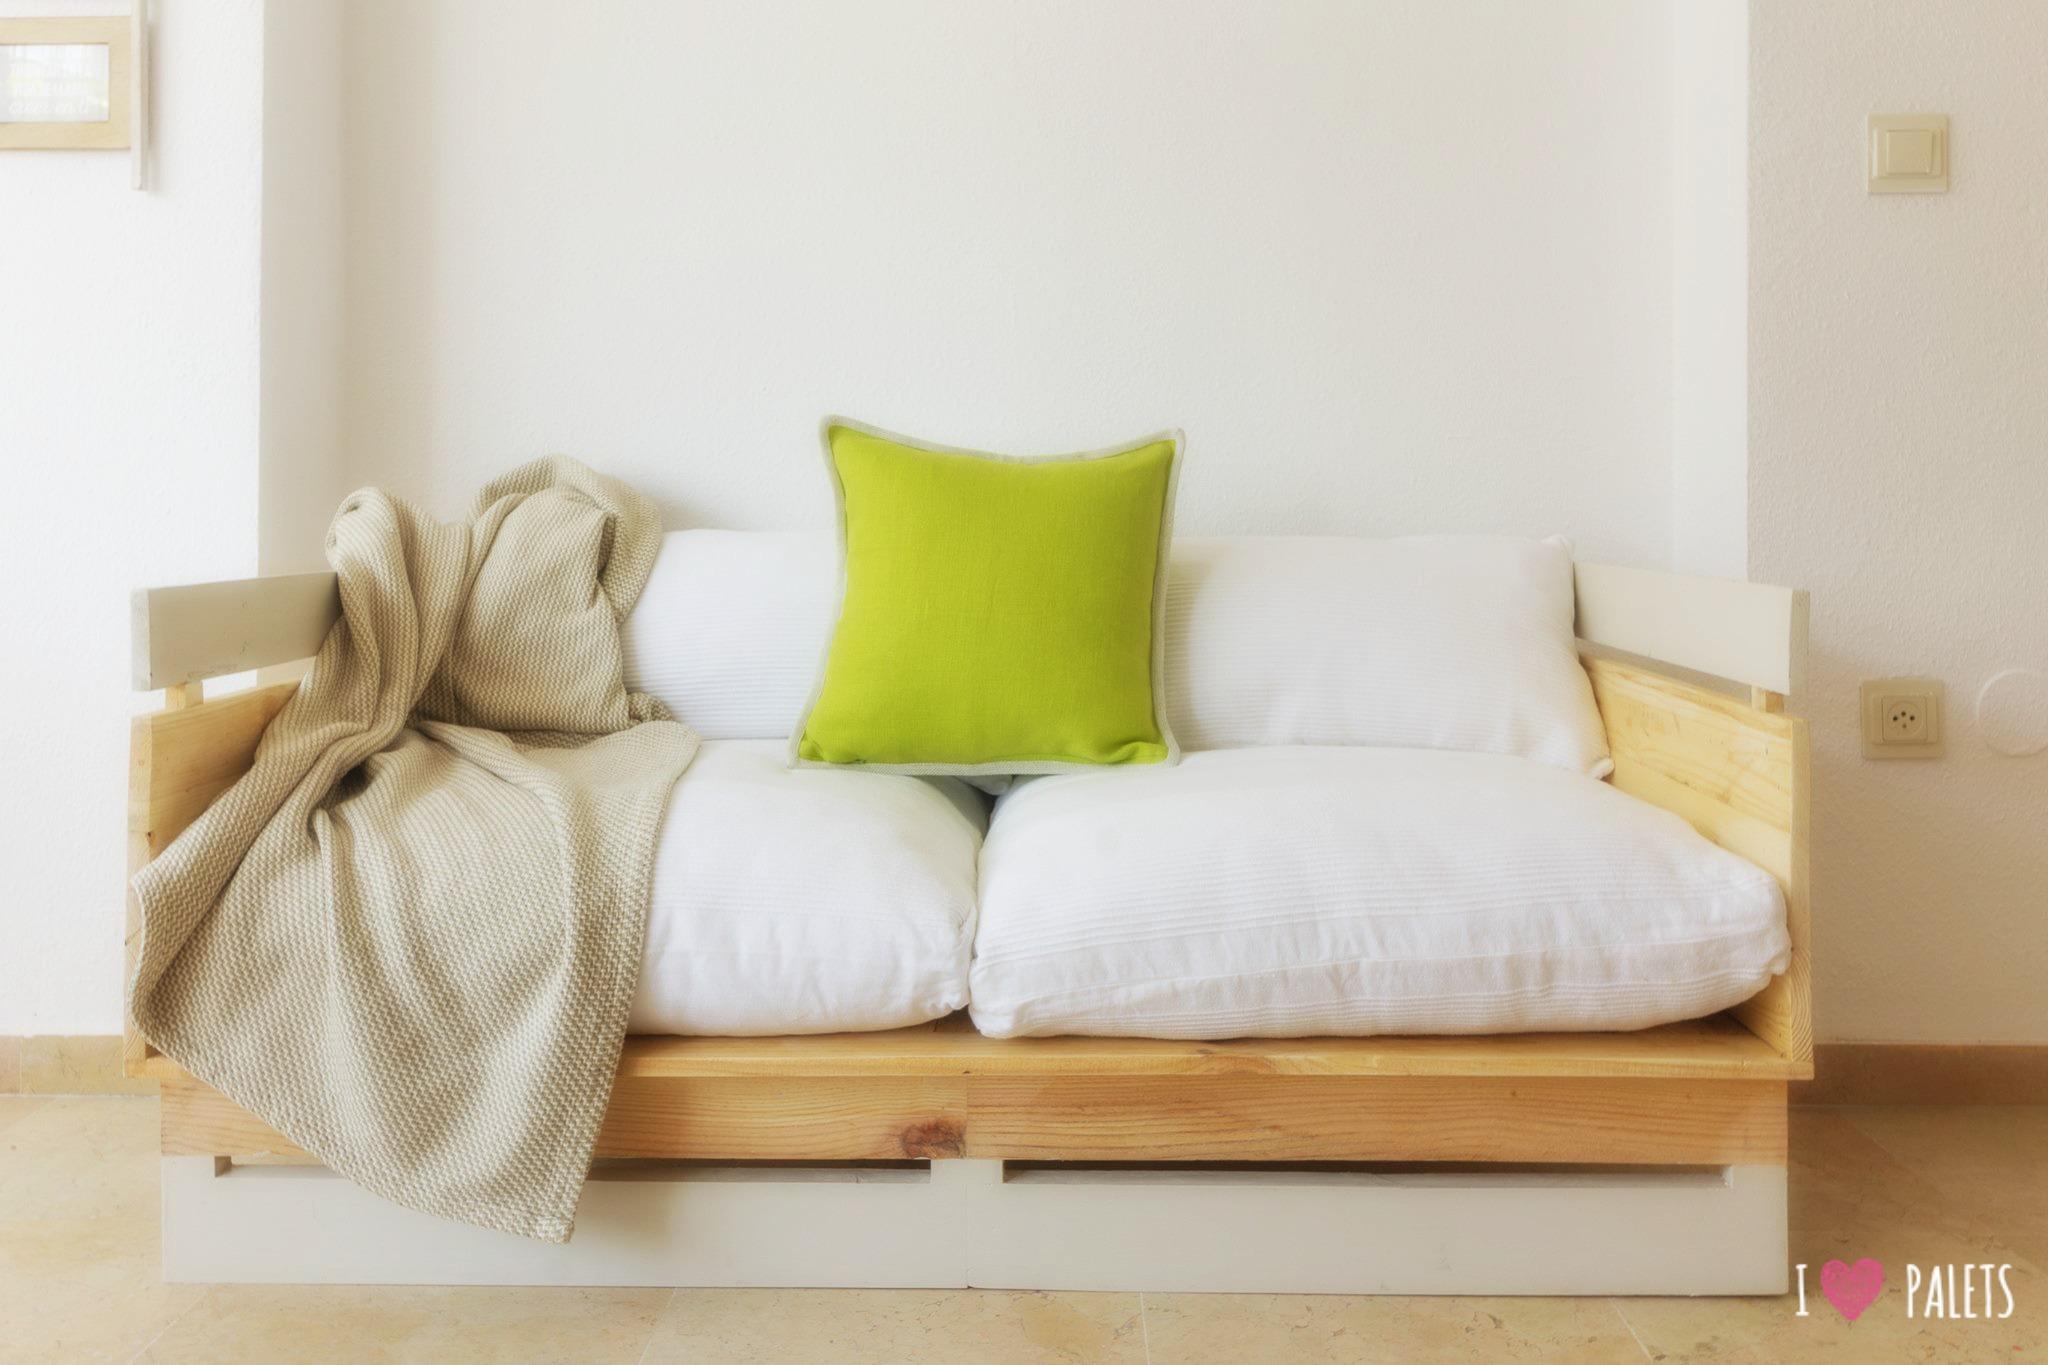 sofá retro de palets